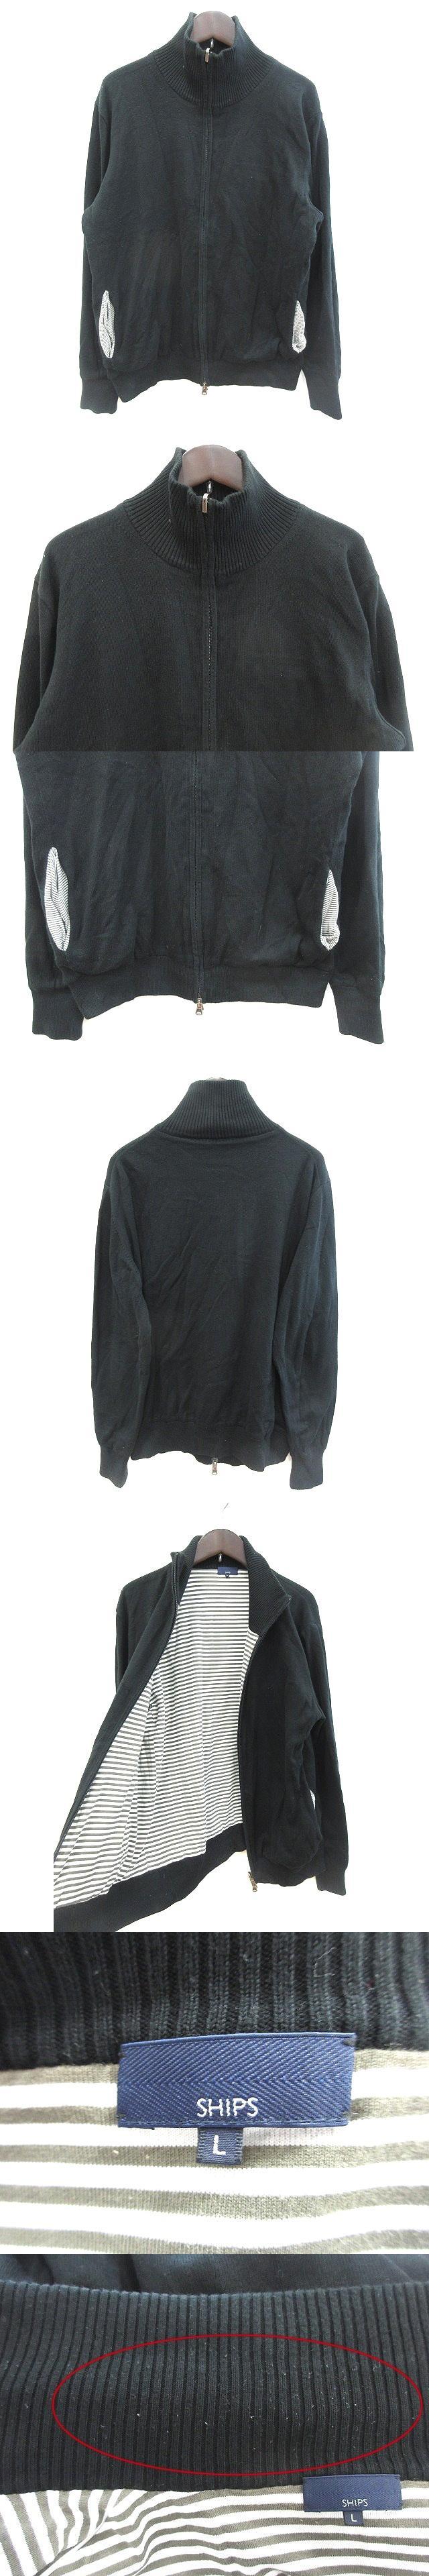 ジャケット ブルゾン ニット ジップアップ ハイネック 長袖 総裏地 L 黒 ブラック /CT